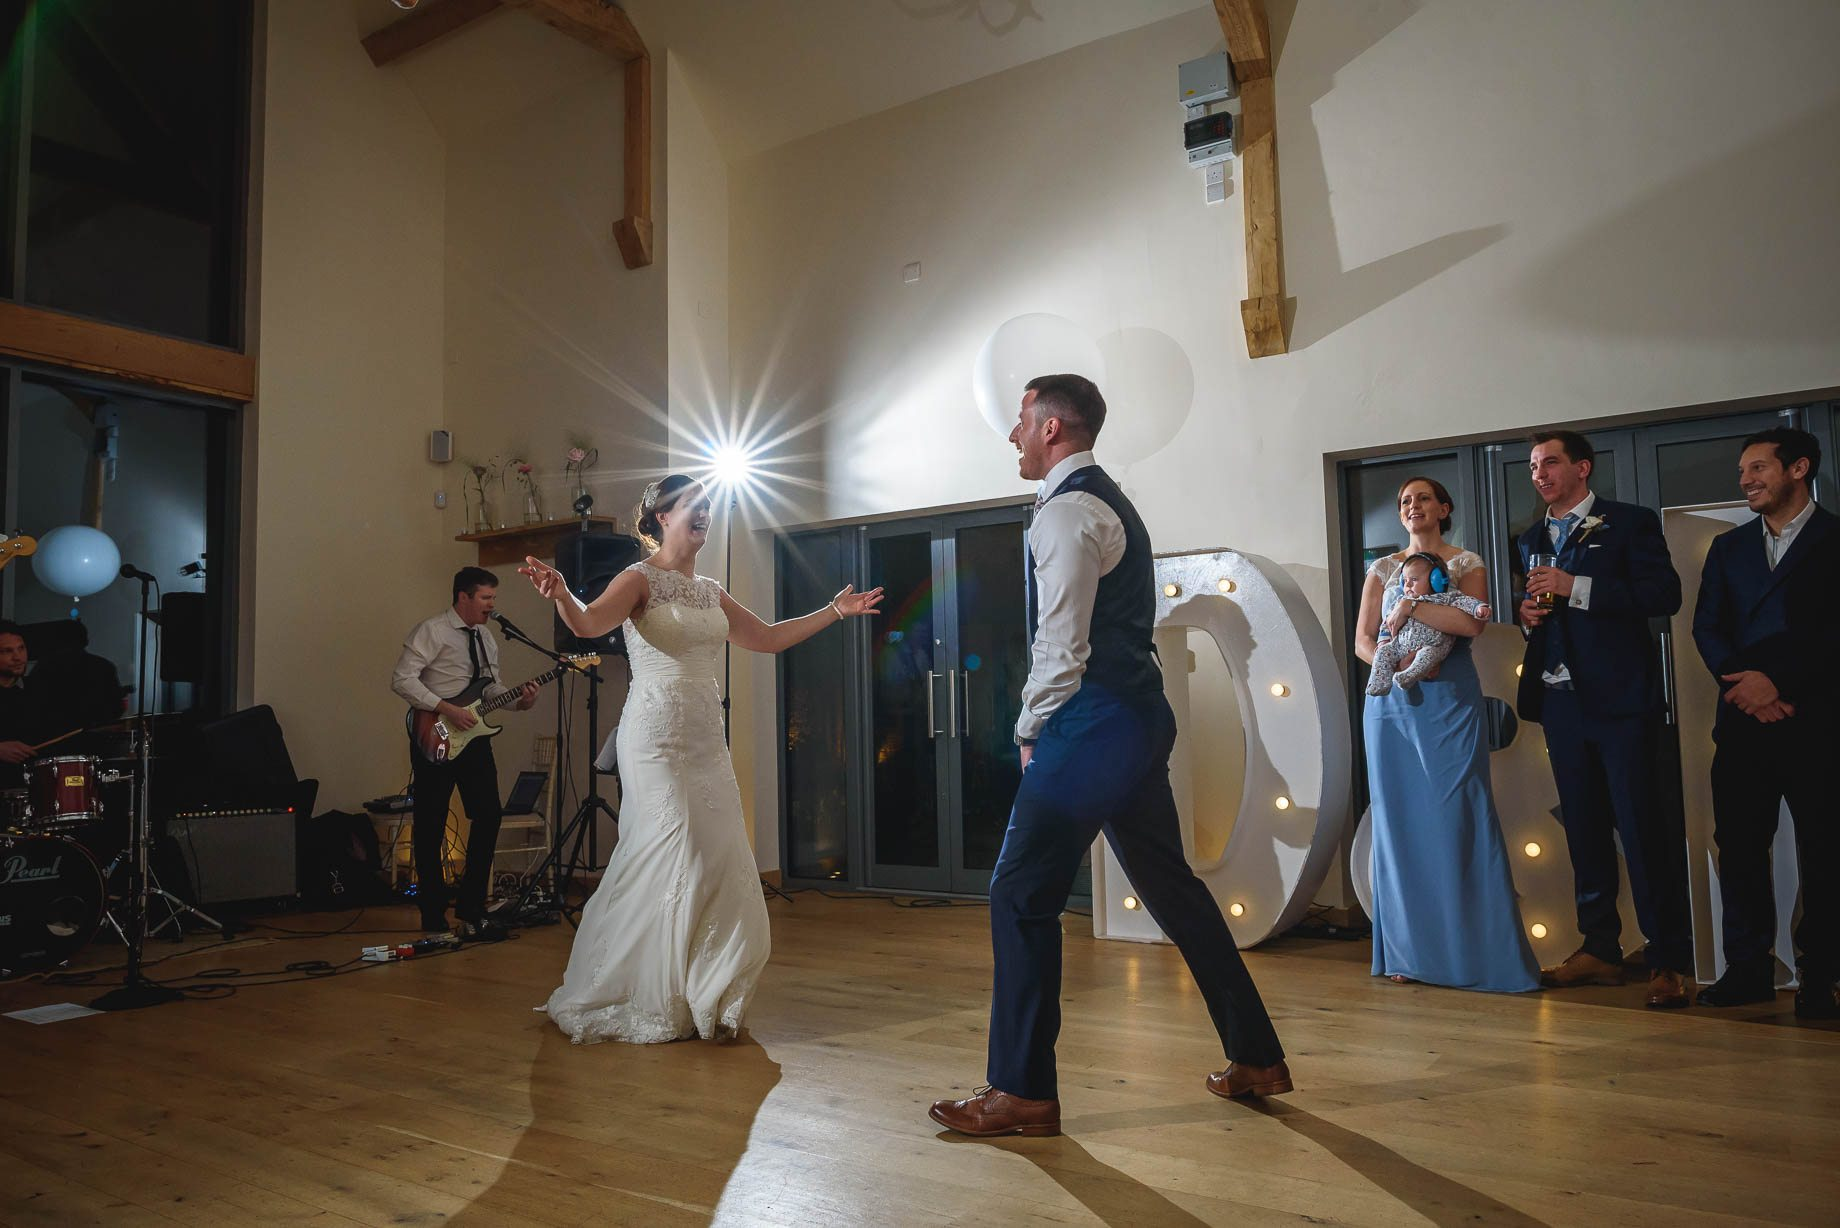 Millbridge Court Wedding Photography - Lisa and Daniel (167 of 173)